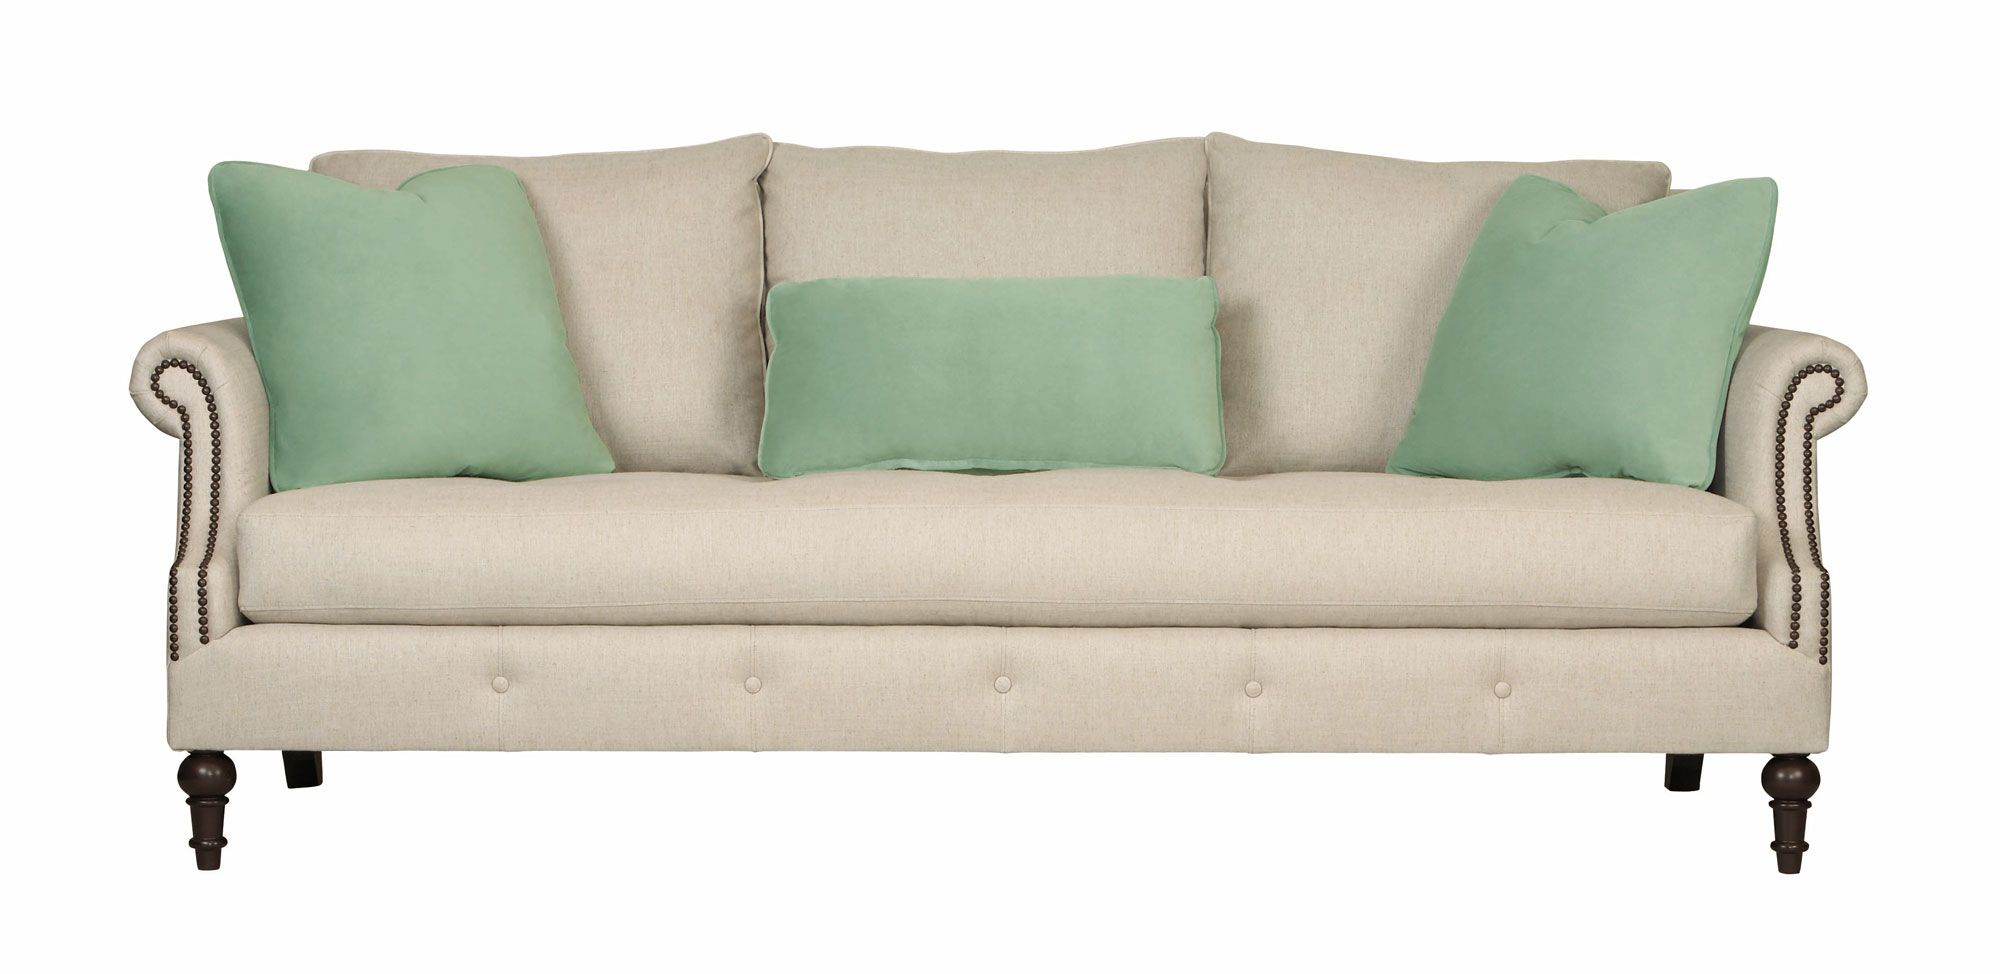 angelica sofa from bernhardt canape en bois meubles bernhardt canape lit causeuse